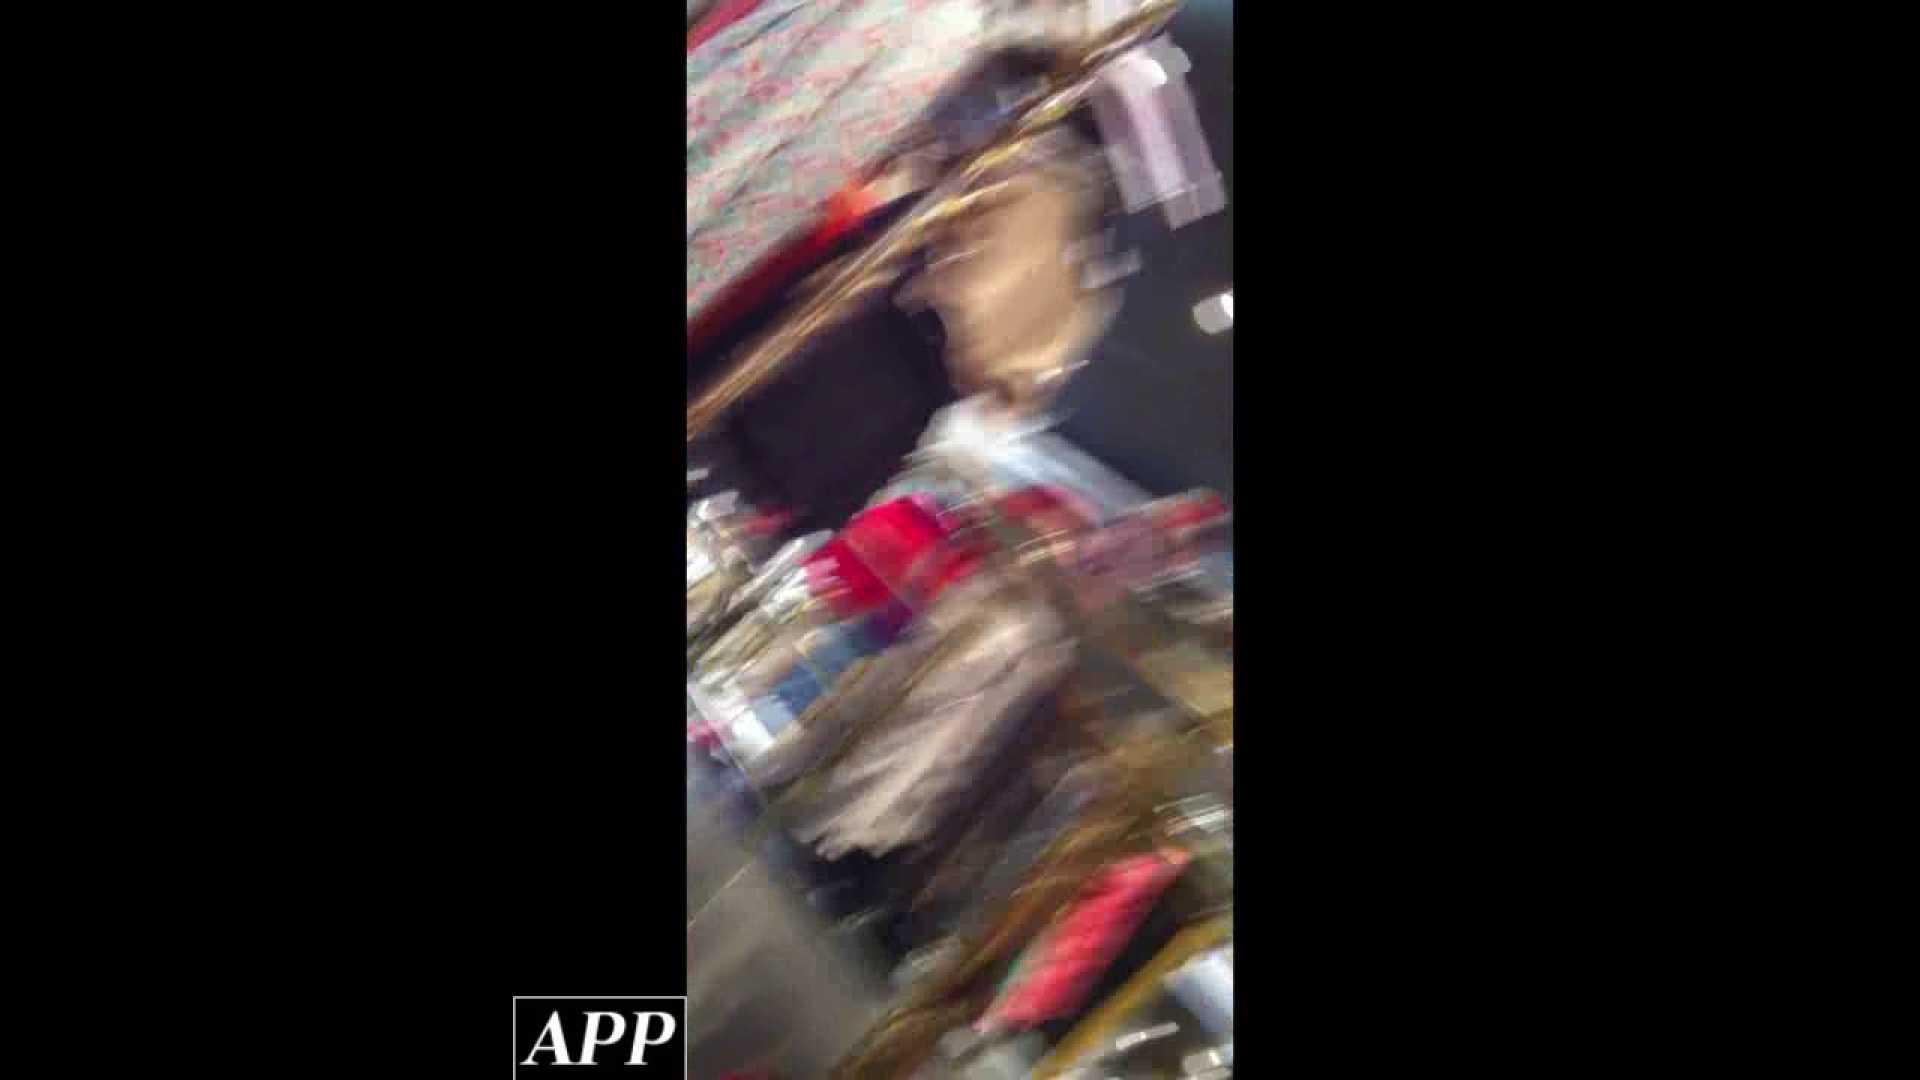 ハイビジョン盗撮!ショップ店員千人斬り!胸チラ編 vol.91 盗撮 おまんこ無修正動画無料 73PICs 3